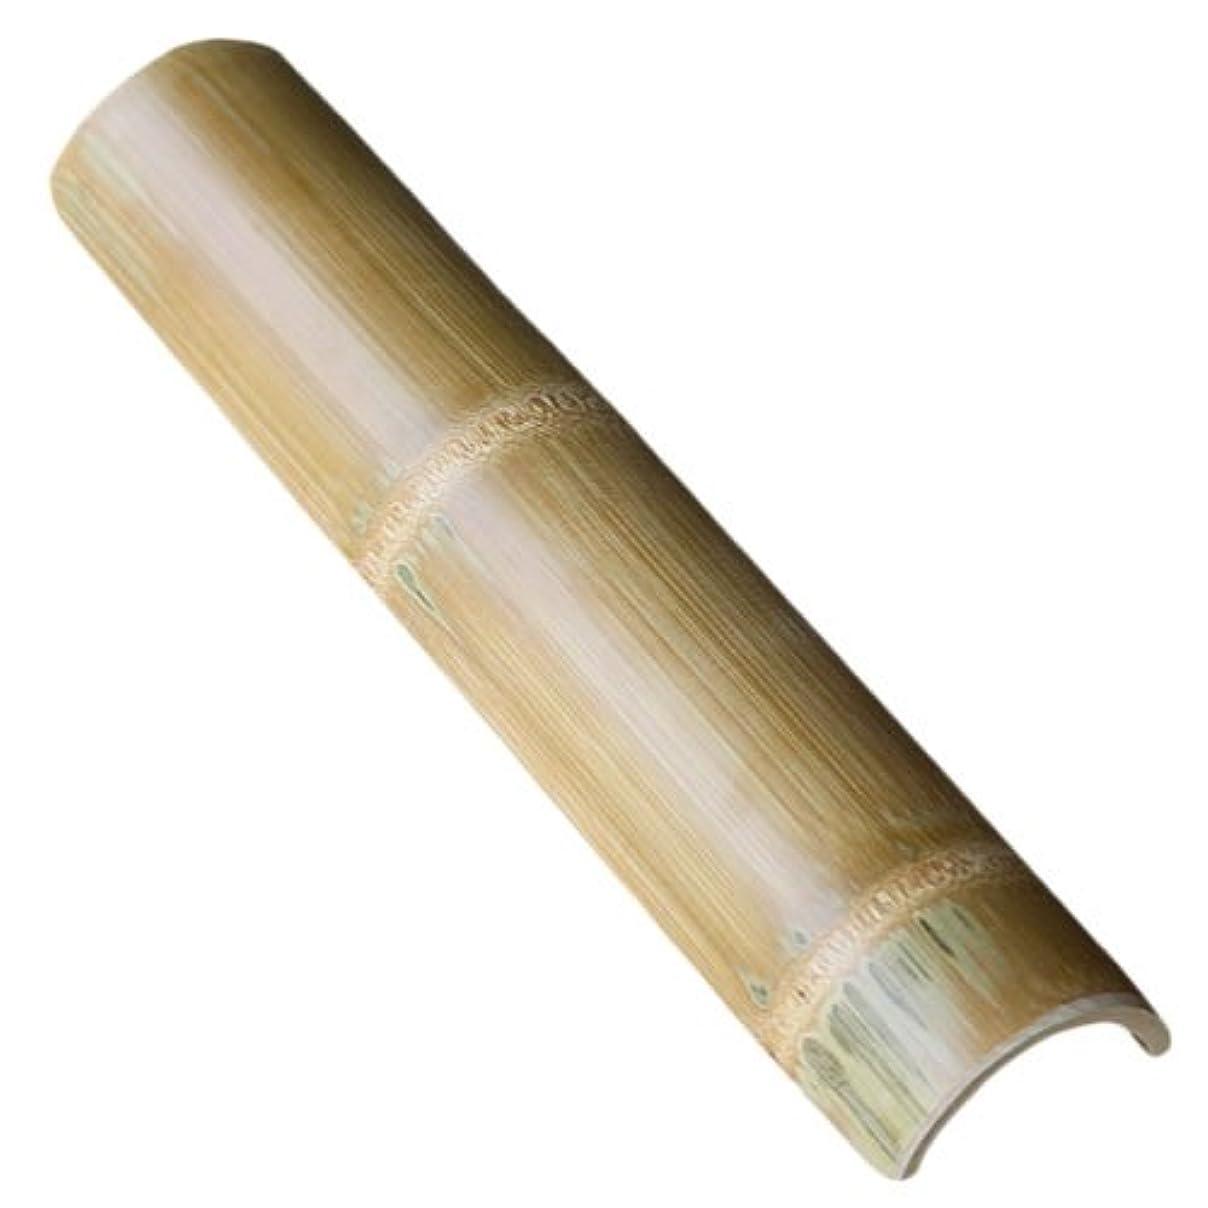 同封する口径骨の折れる【国産】青竹を炭化加工して防虫、防カビ効果を向上させて美しく磨き上げています竹踏み(炭化竹)